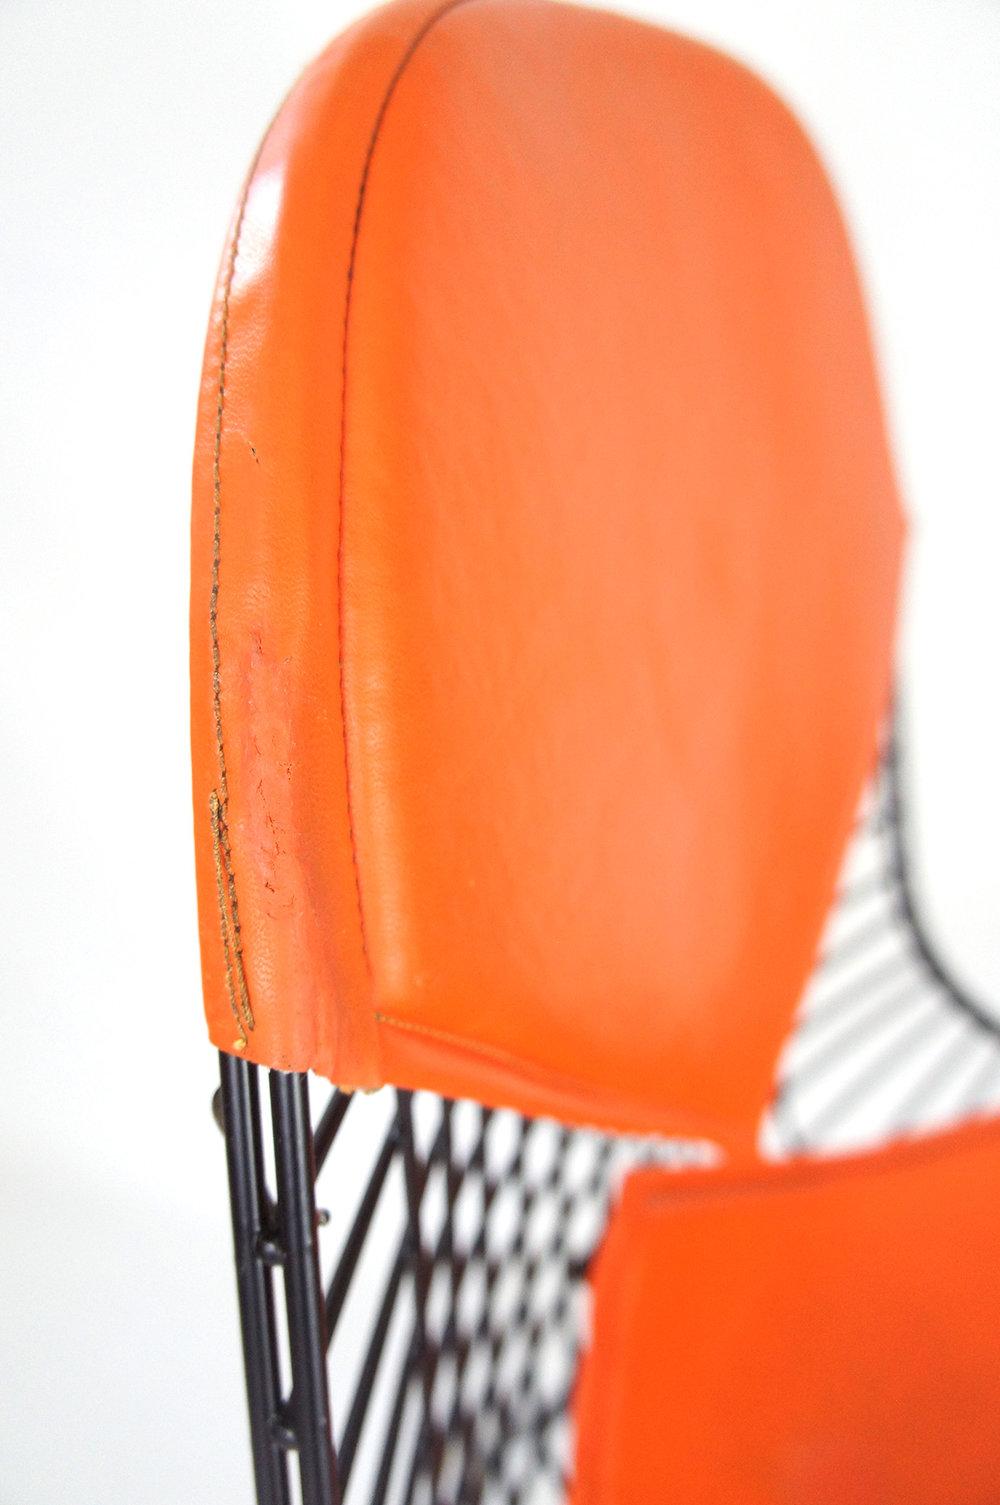 DKH bikini chair 2.jpg